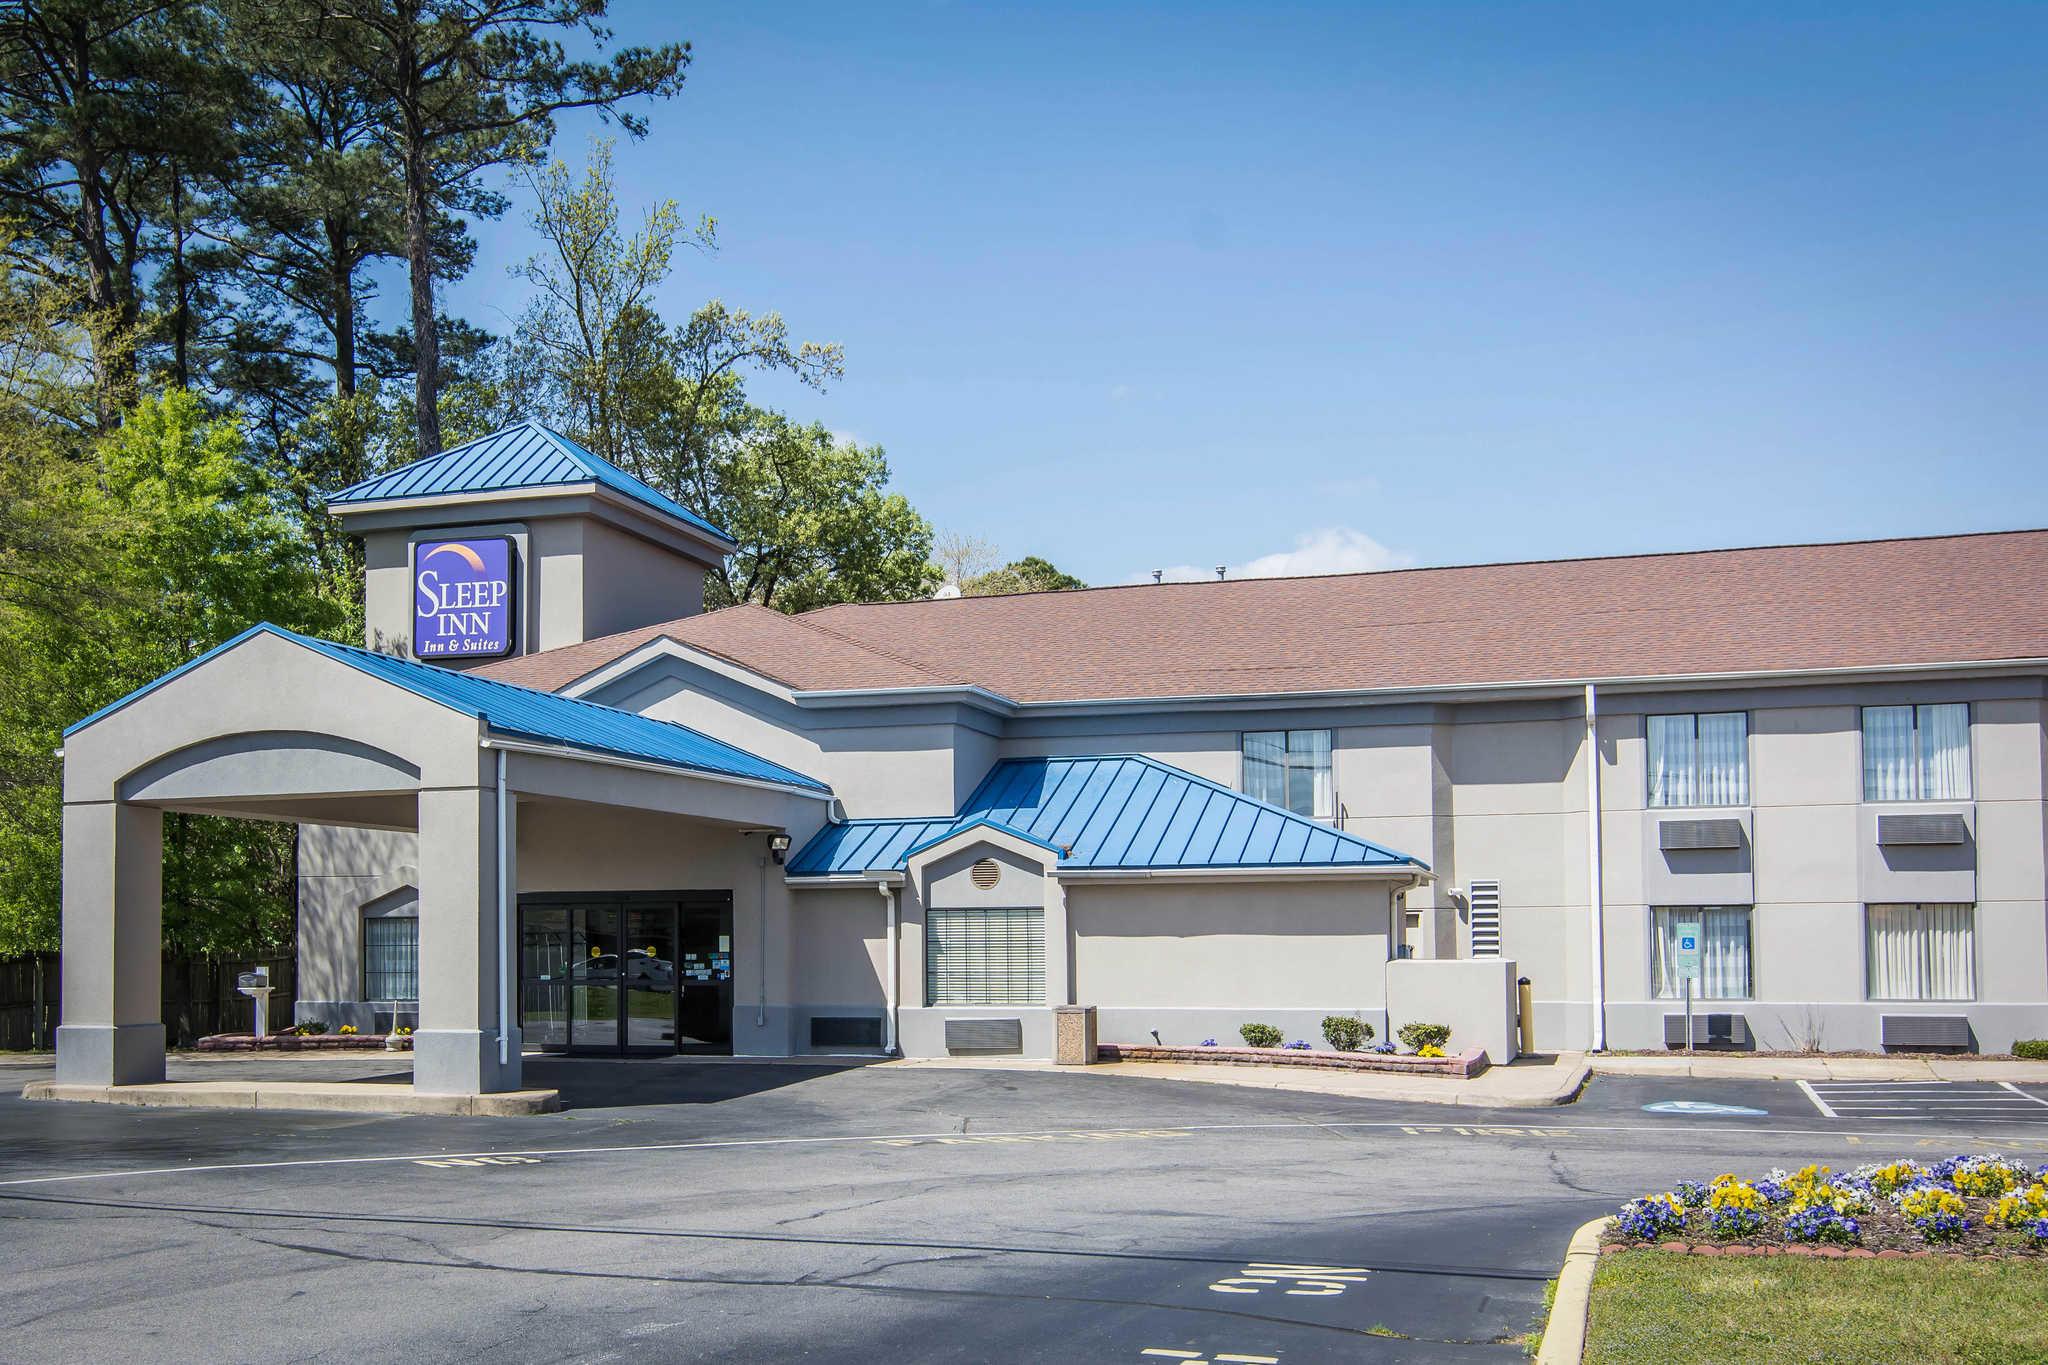 Sleep Inn & Suites Chesapeake - Portsmouth image 1